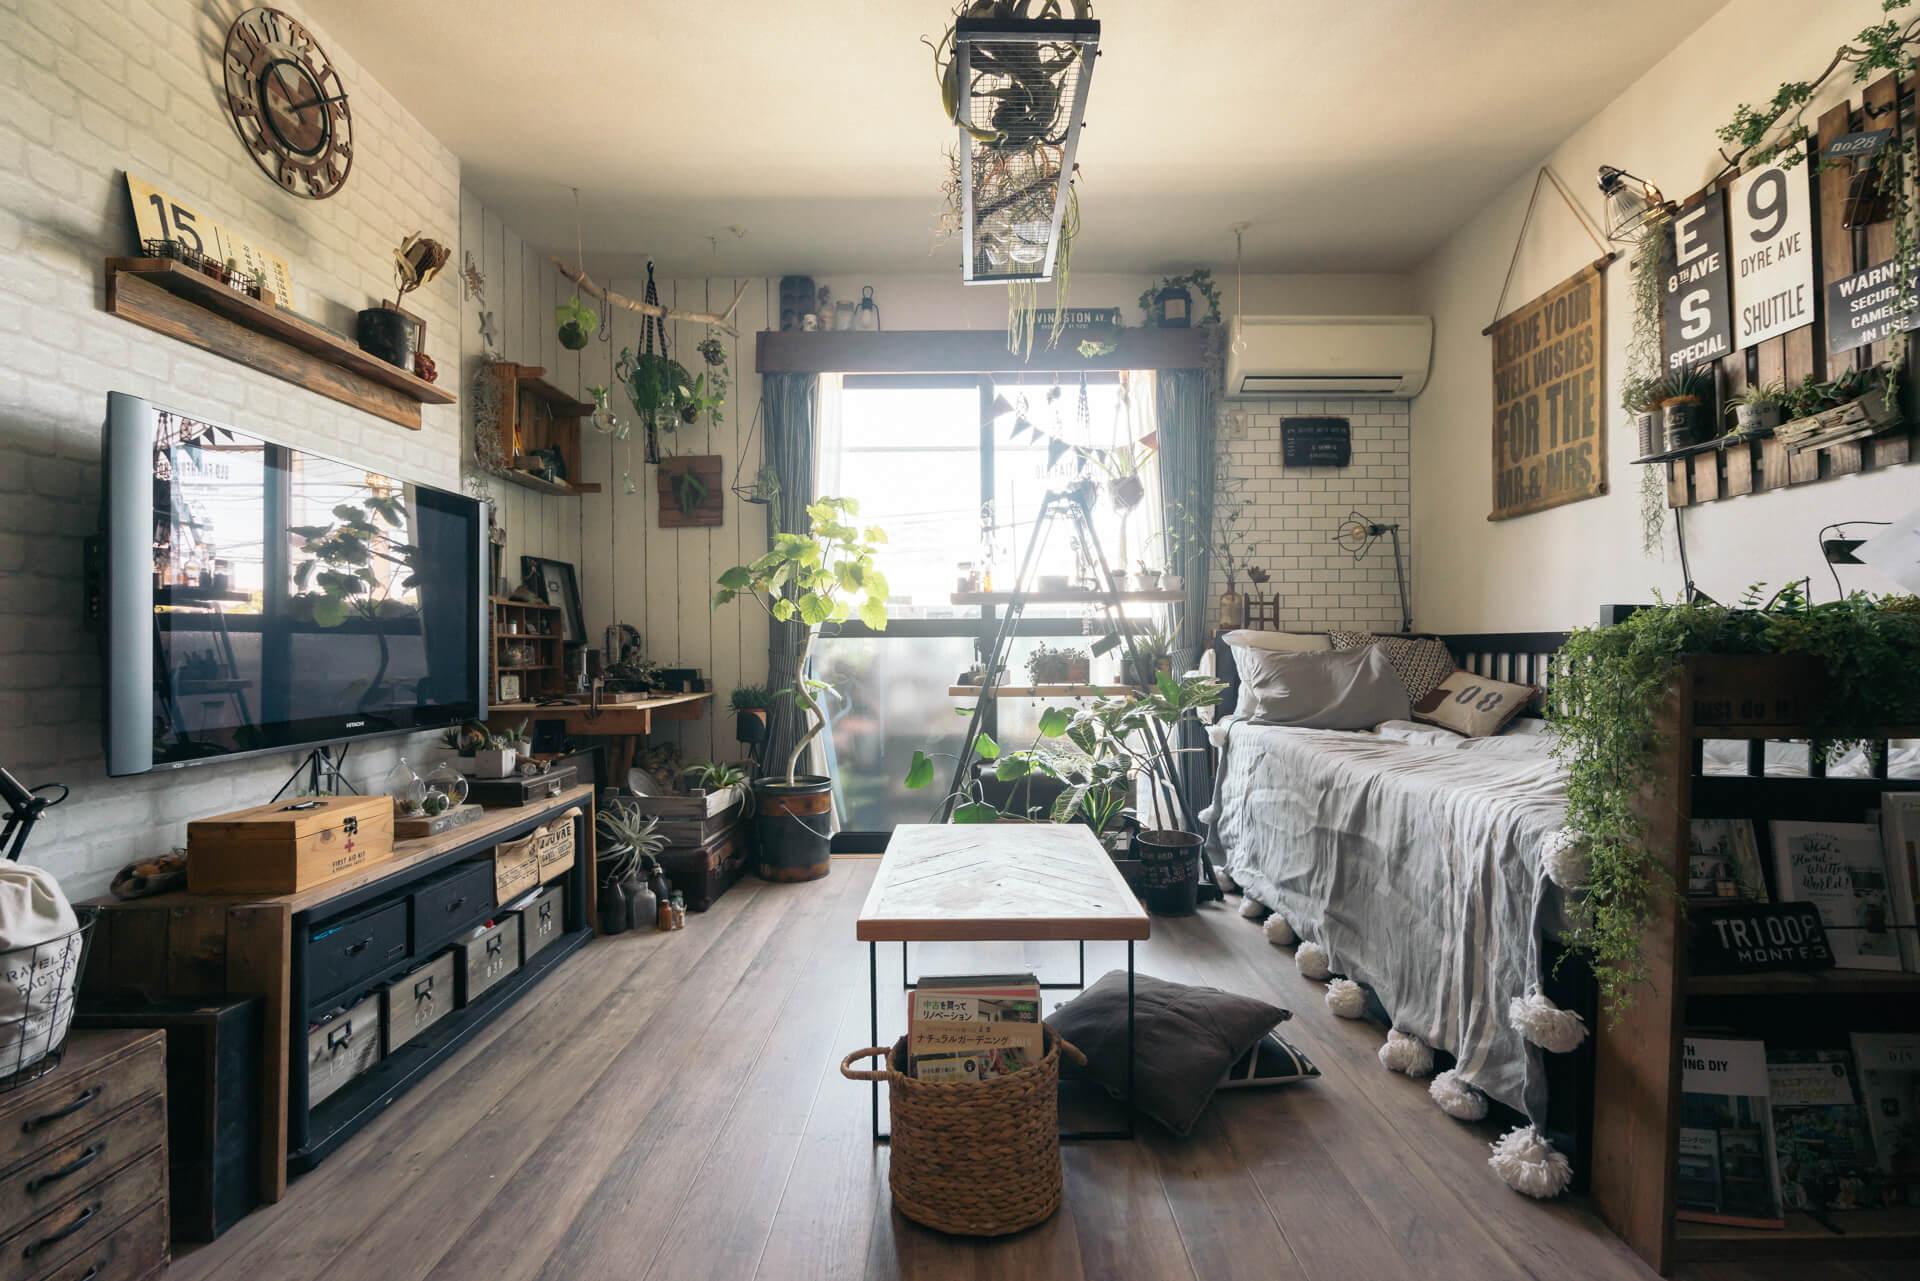 はがせる壁紙や、つっぱりウォールなどを最大限活用して、現状回復可能な範囲で賃貸DIYを楽しんでいるakiさんの部屋。たくさんの小物があっても全体をまとめるセンス、お手本にしたいです。(このお部屋はこちら)